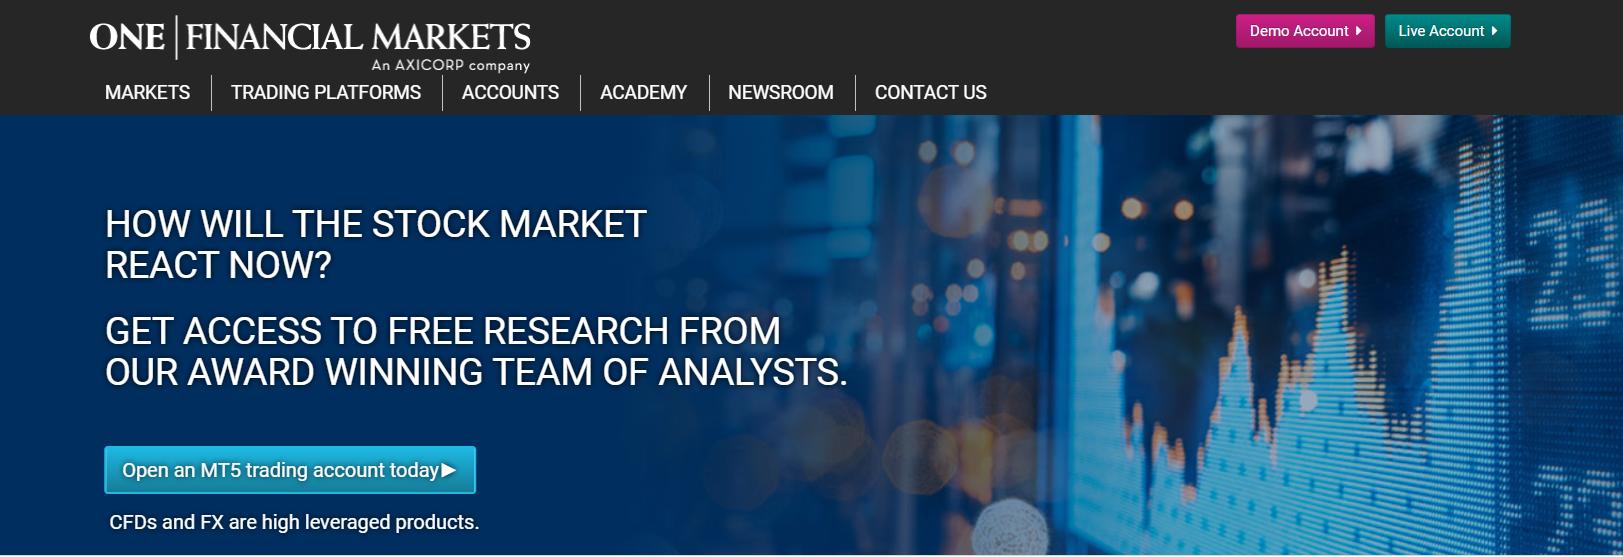 one financial markets официальный сайт